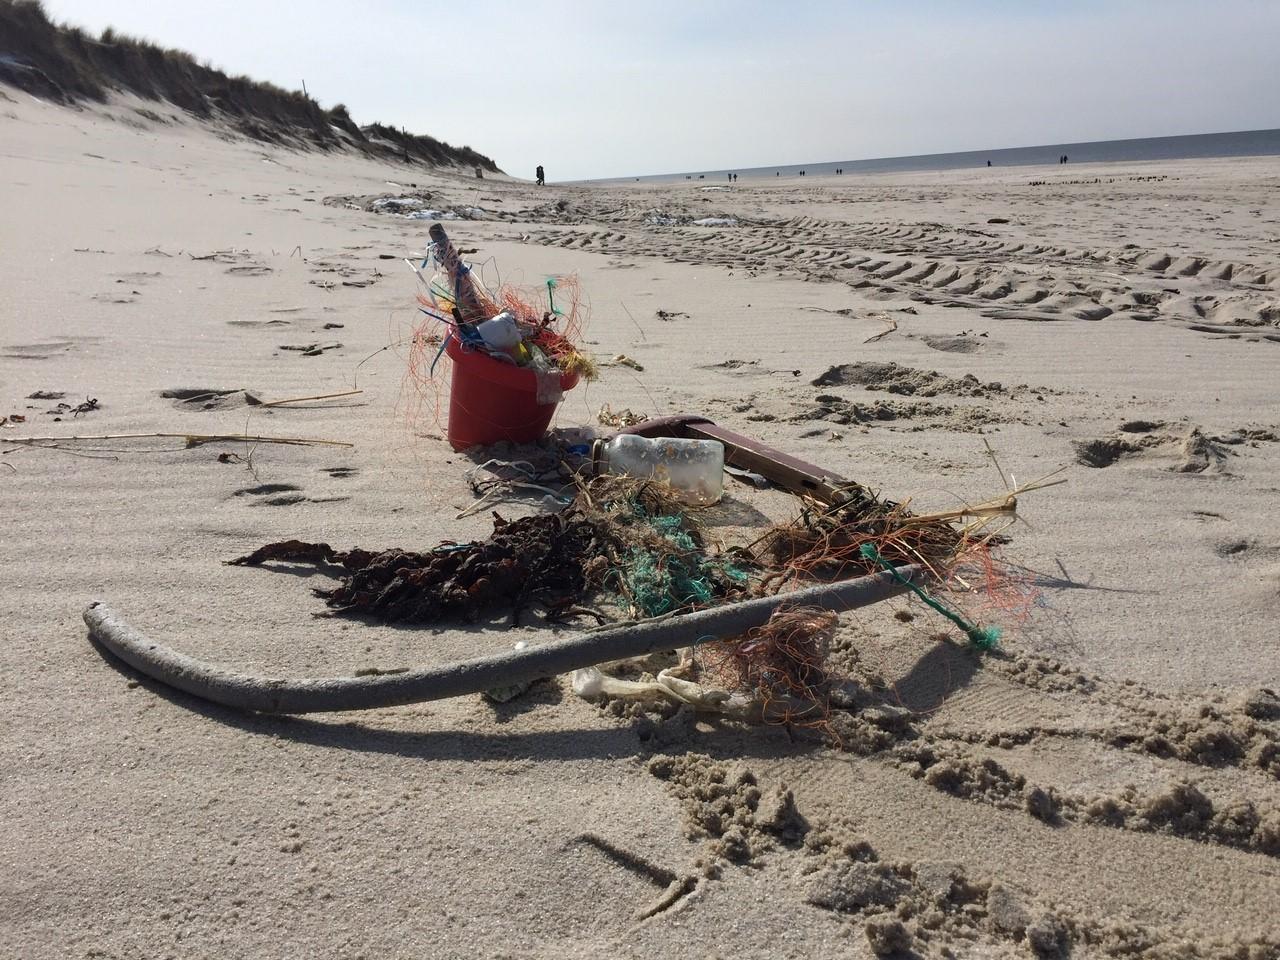 Müll liegt am Sandstrand, vor allem Plastik- und Fischereimüll.